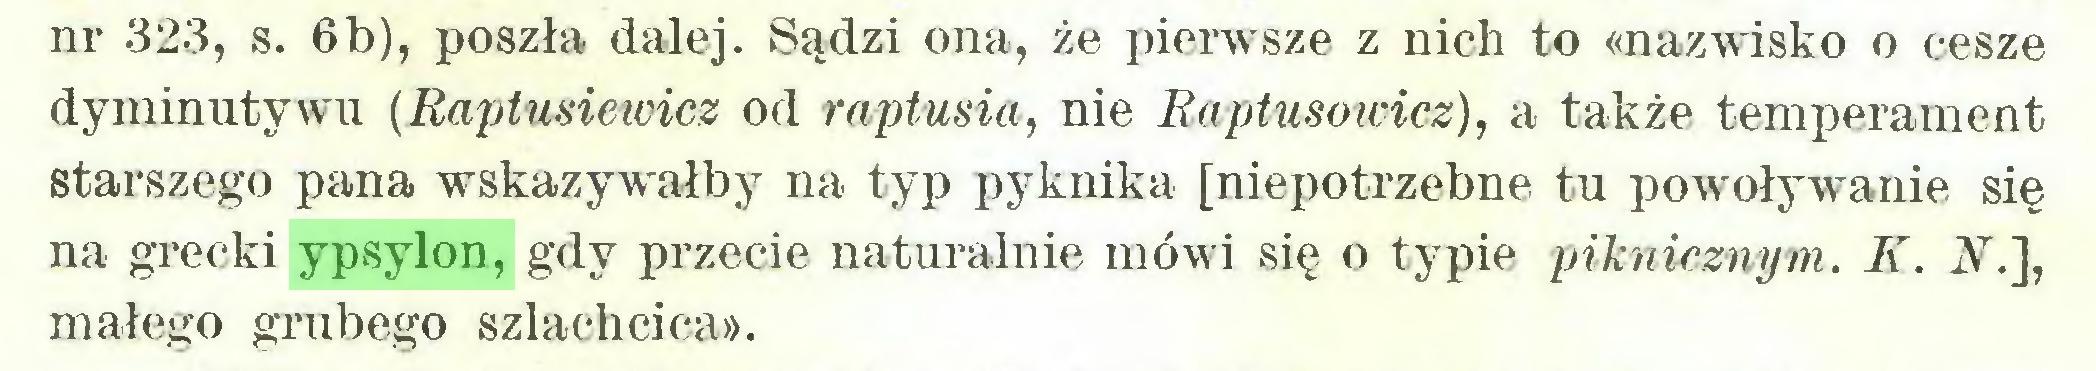 (...) nr 323, s. 6b), poszła dalej. Sądzi ona, że pierwsze z nich to «nazwisko o cesze dyminutywu (Raptusiewicz od raptusia, nie Raptusowicz), a także temperament starszego pana wskazywałby na typ pyknika [niepotrzebne tu powoływanie się na grecki ypsylon, gdy przecie naturalnie mówi się o typie piknicznym. K. A.], małego grubego szlachcica»...